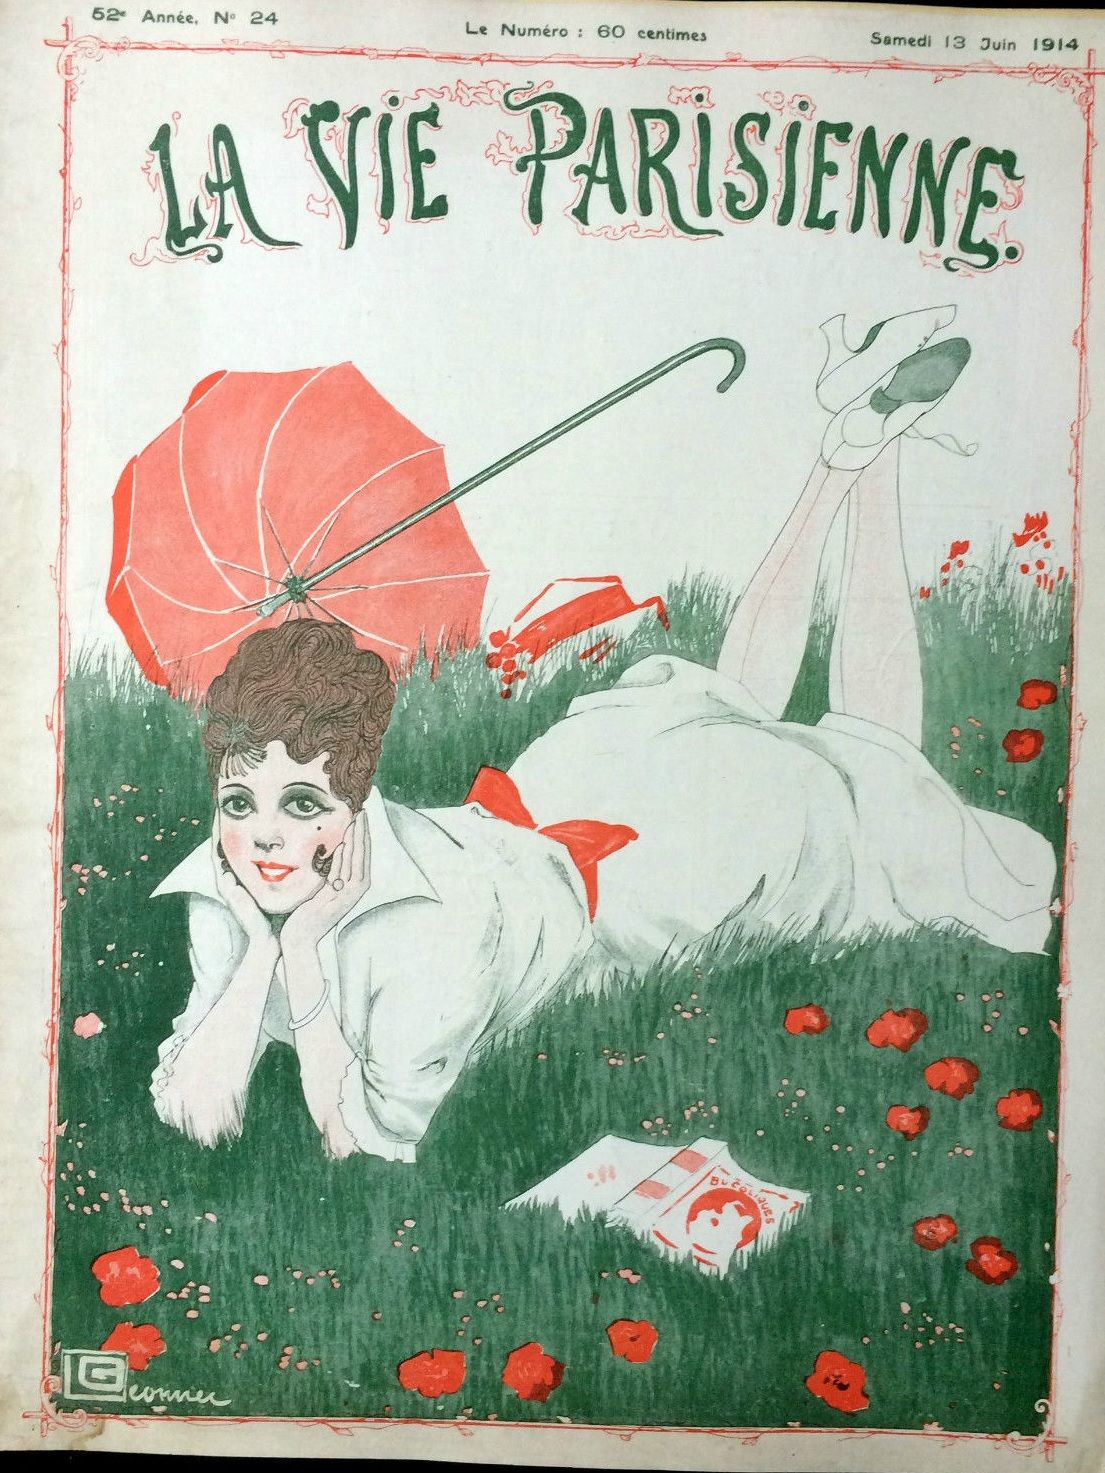 Georges Léonnec (1881 – 1940). La Vie Parisienne, 13 Juin 1914. [Pinned 12-vi-2016]